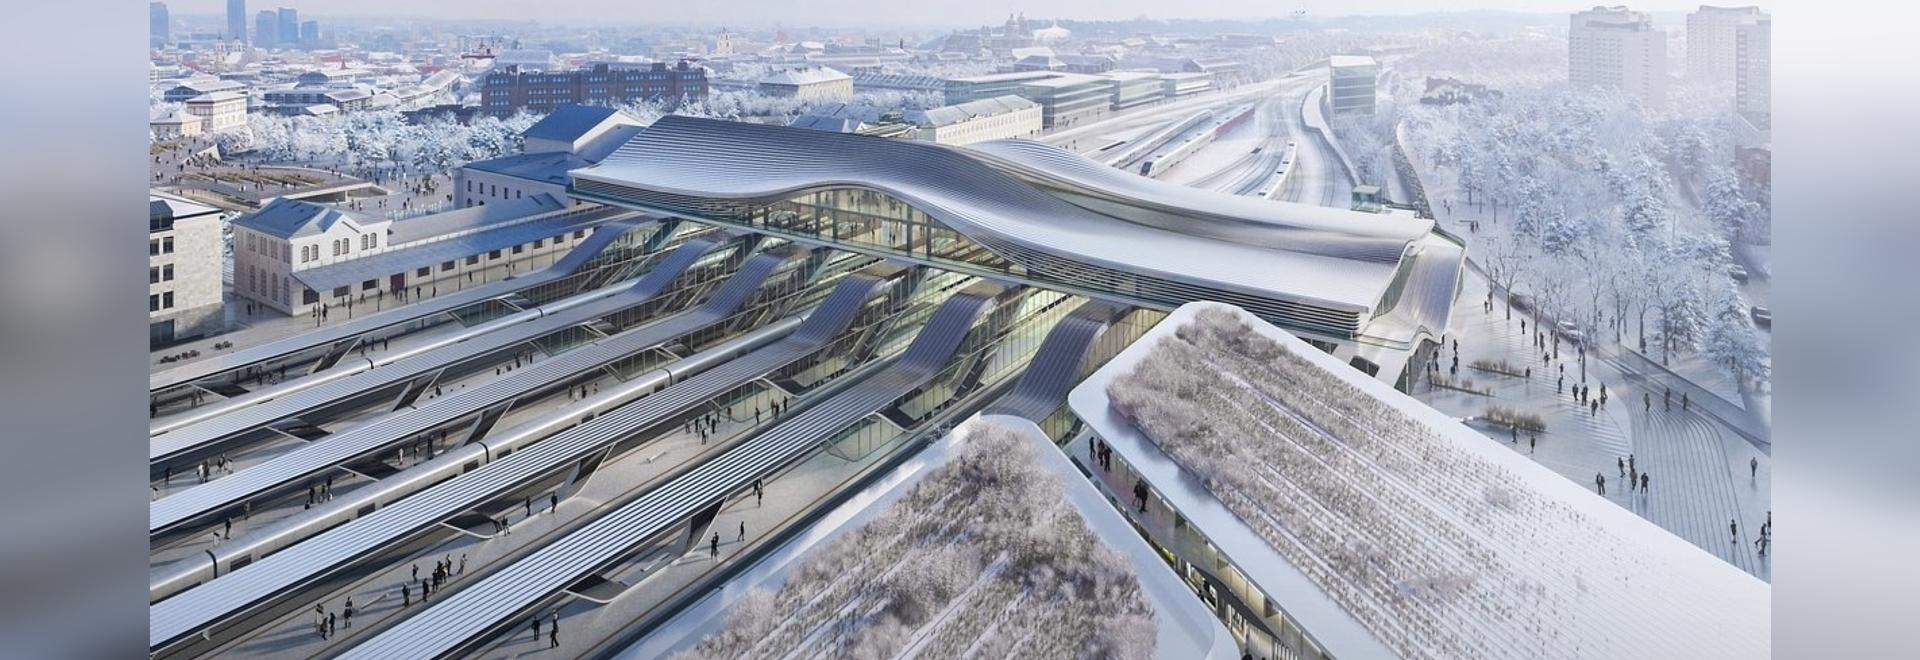 Zaha Hadid Architects diseña un amplio puente sobre la estación de tren de Vilnius